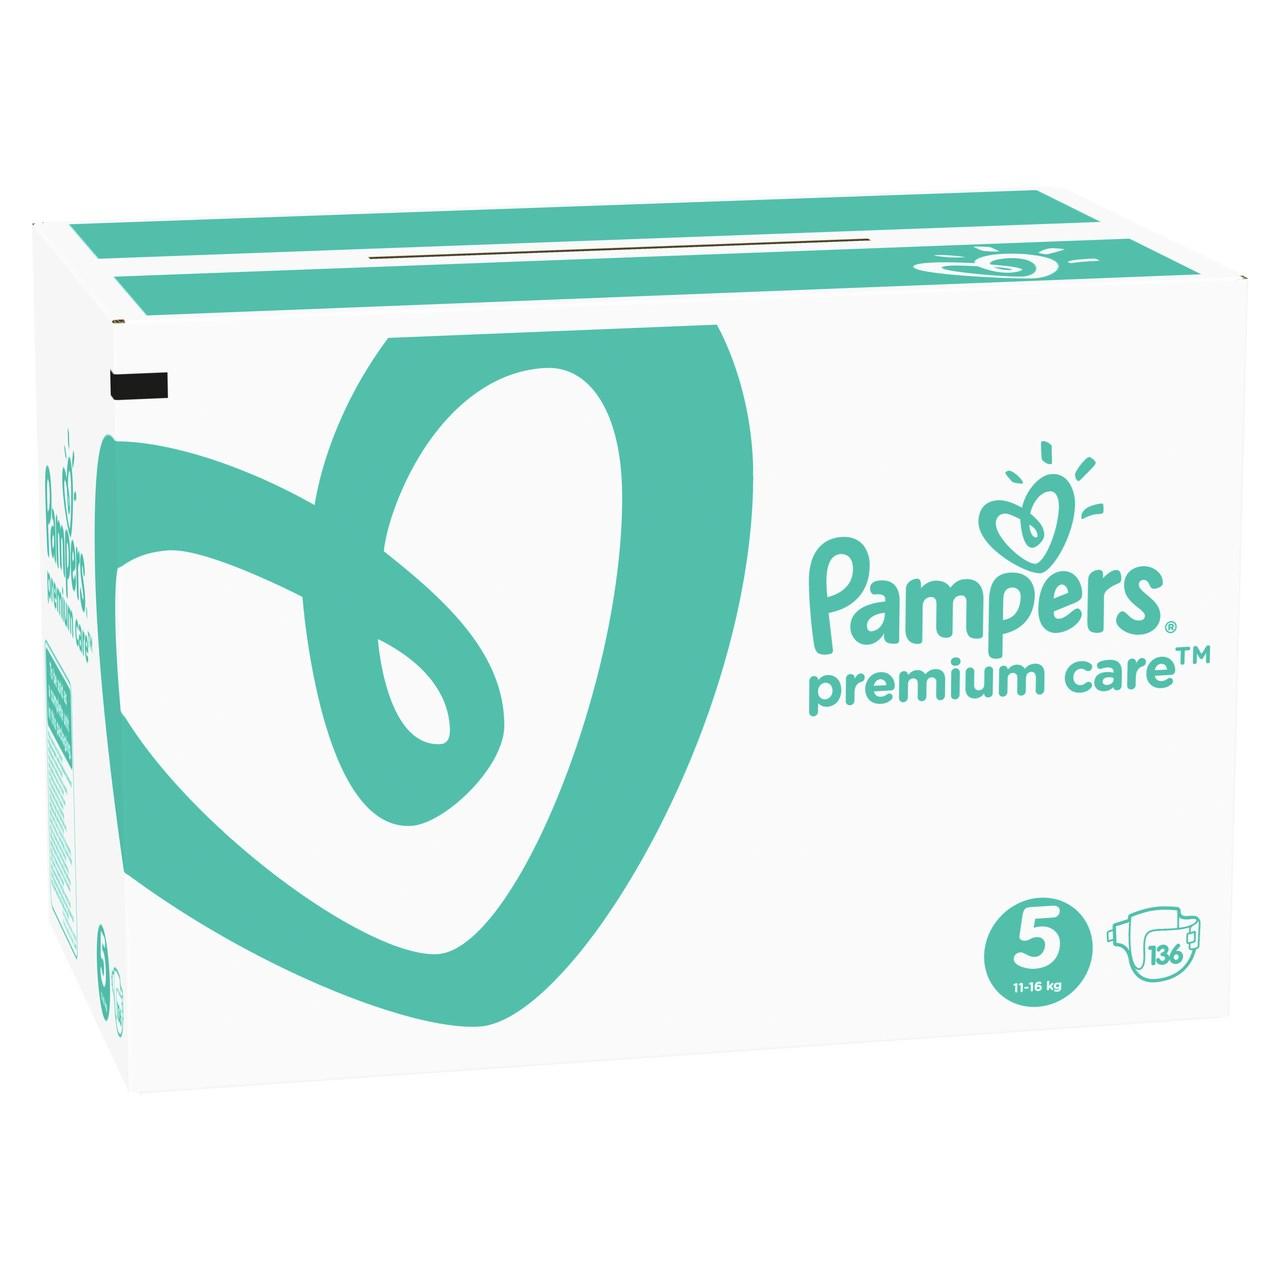 Pampers Premium Care S5 mesačné balenie detských plienok 1x136 ks